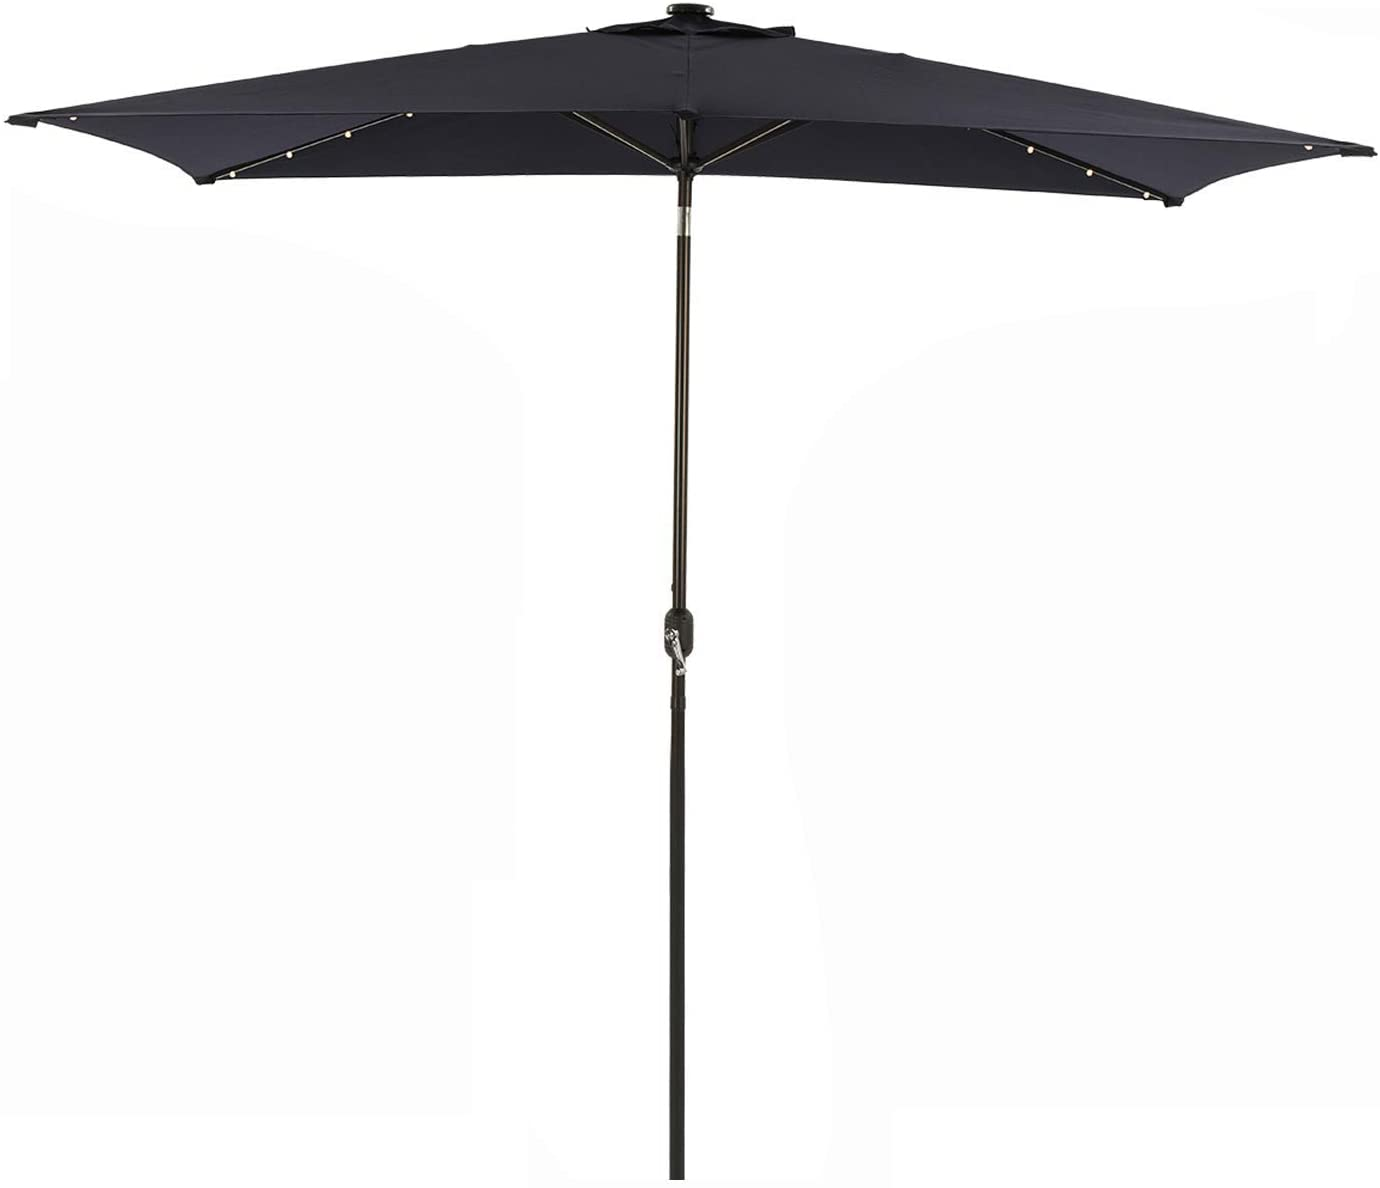 MISSBRELLA 10 x 6.5ft Patio Ranking TOP6 Outdoor Max 85% OFF Rectangular Umbrell Umbrella